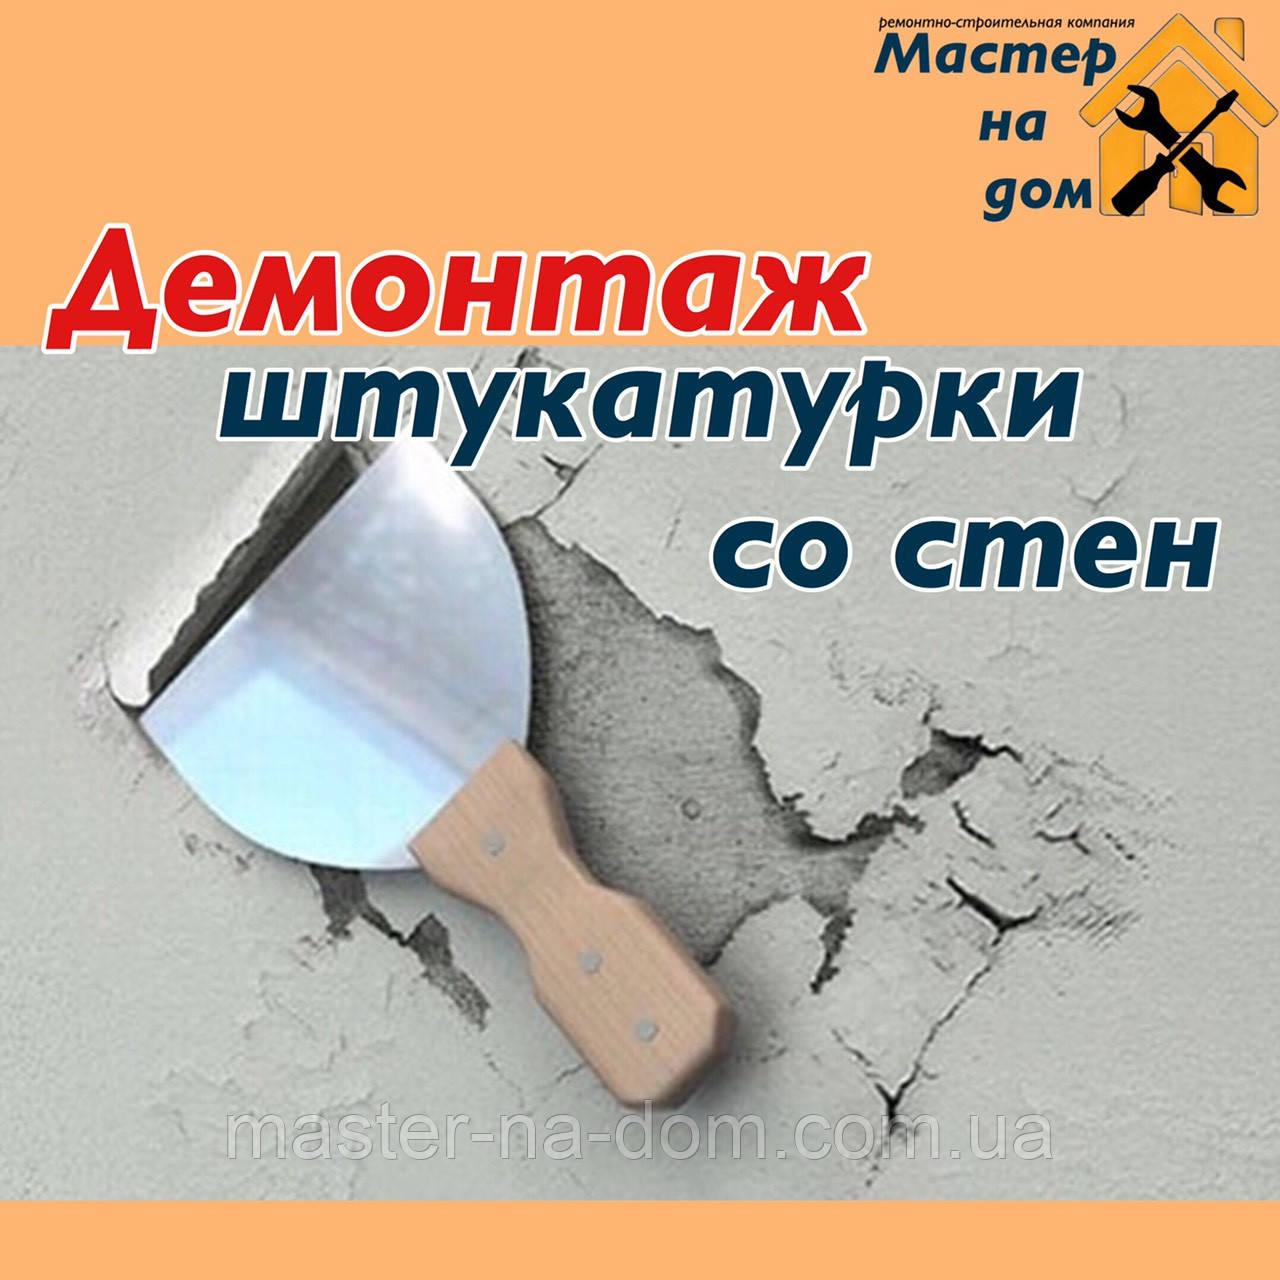 Зняття штукатурки зі стін в Ужгороді